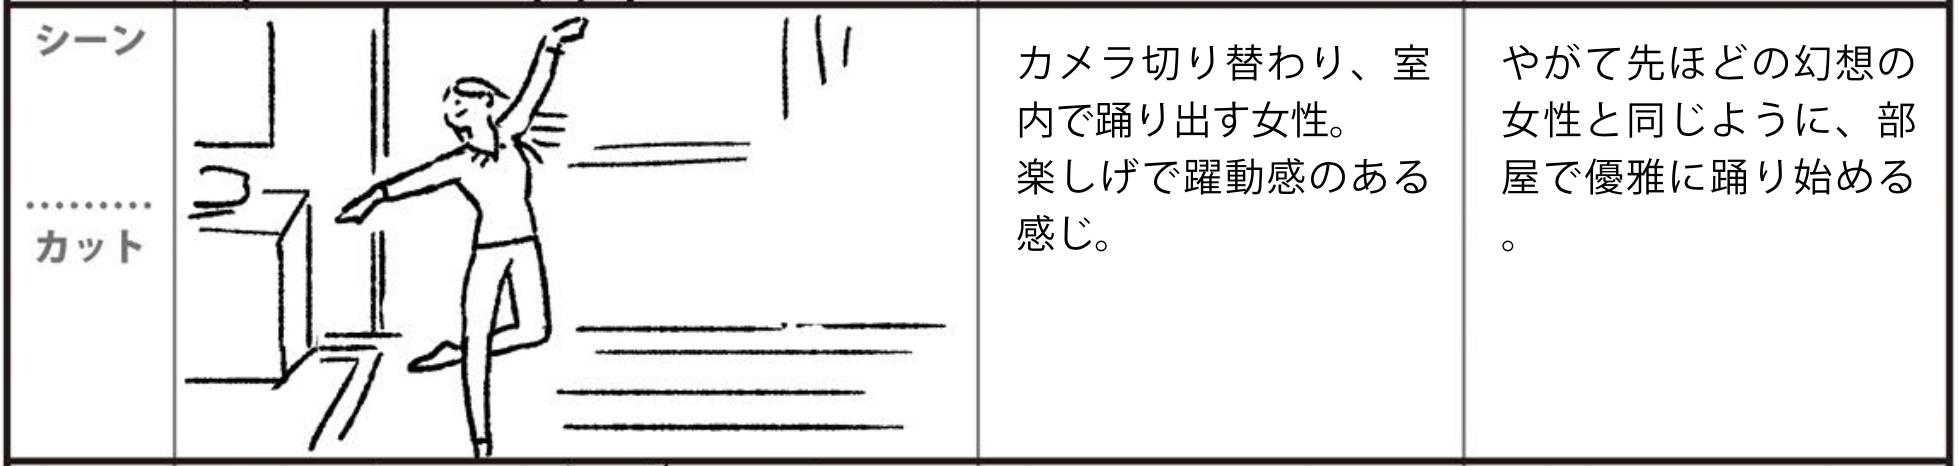 スクリーンショット 2021-05-04 16.39.13